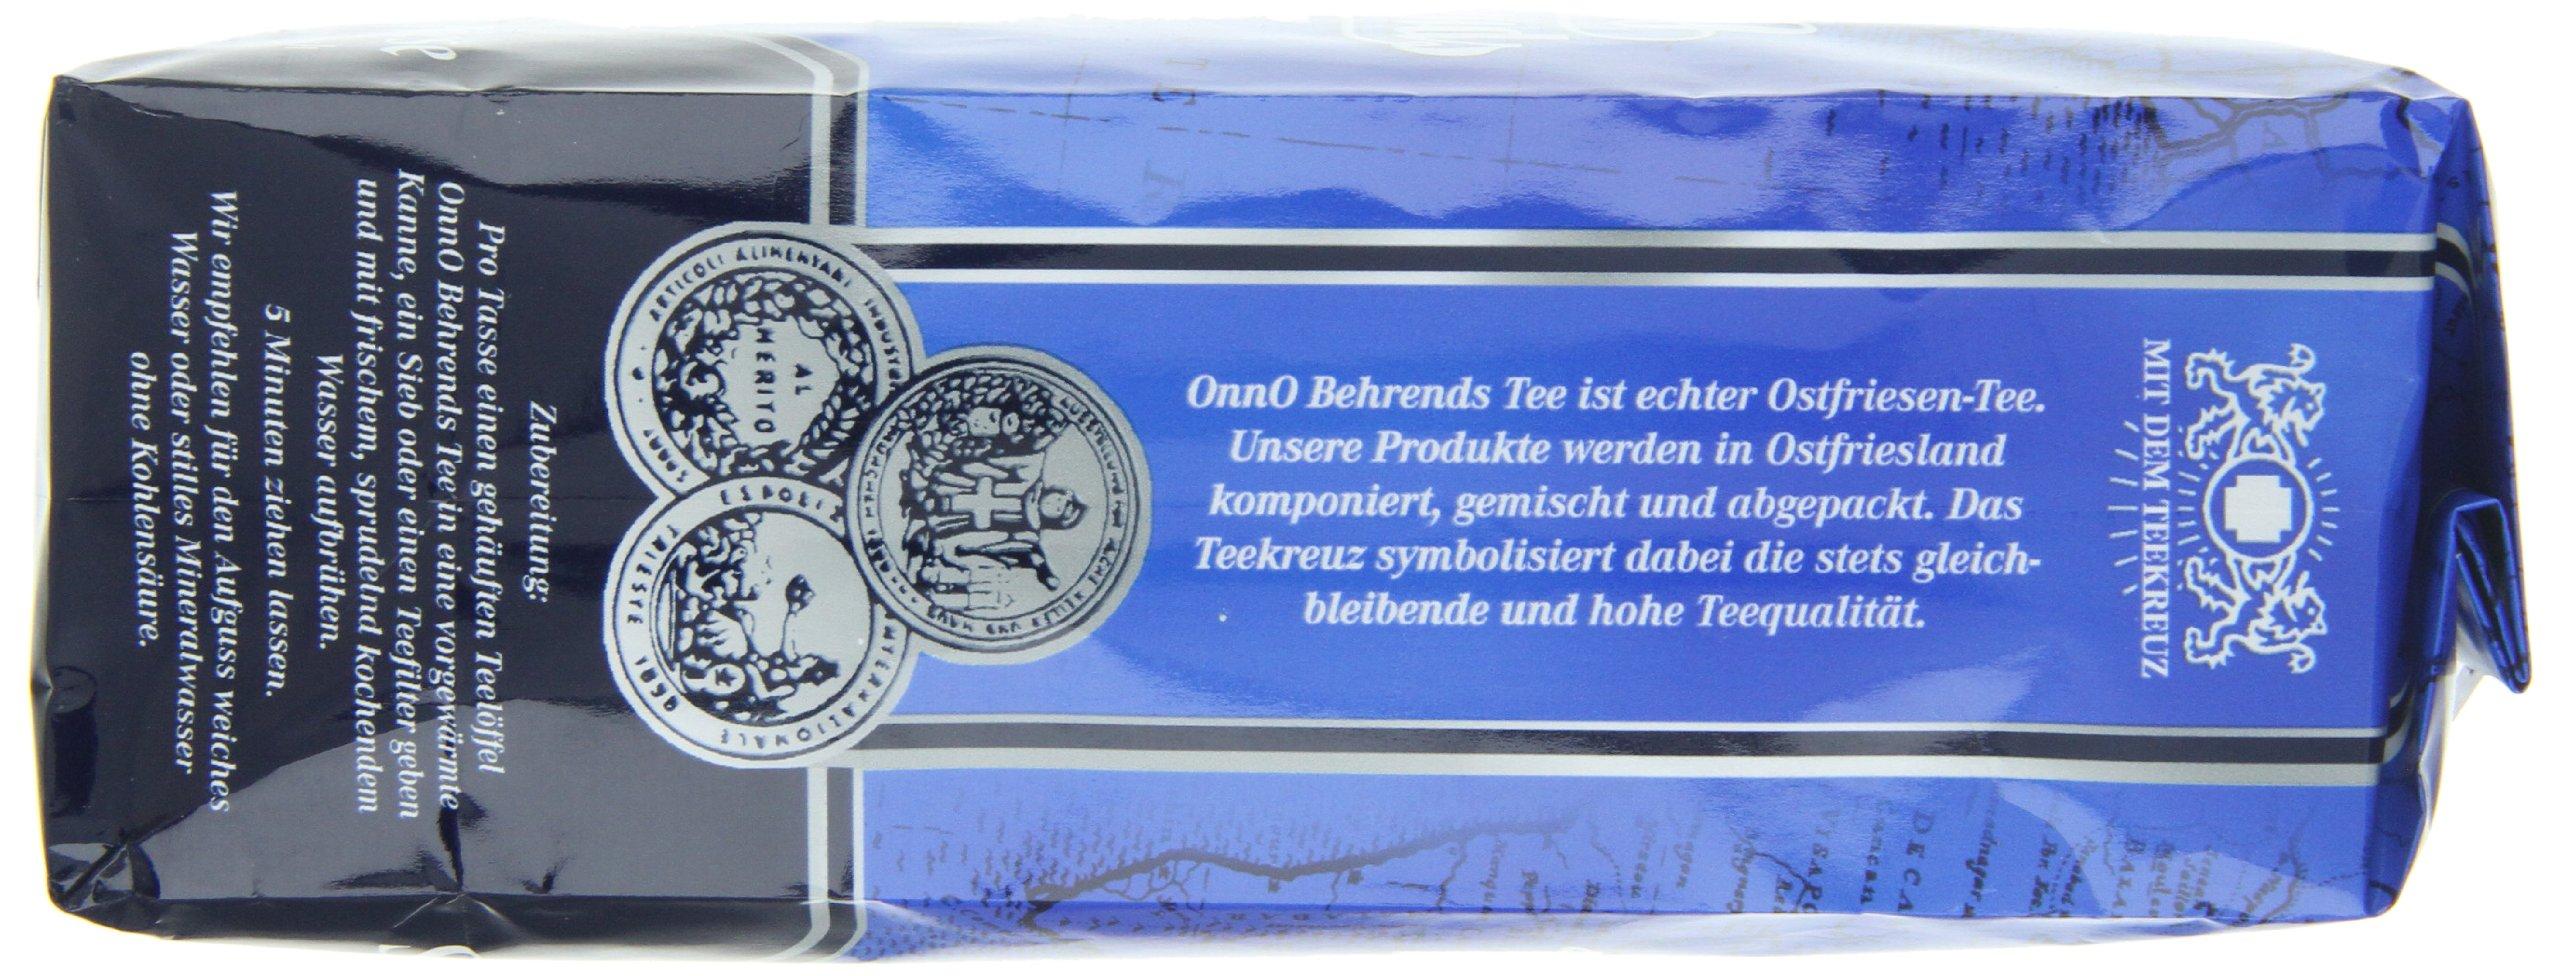 Onno-Behrends-Tee-Schwarzer-Friese-1er-Pack-1-x-500-g-Packung